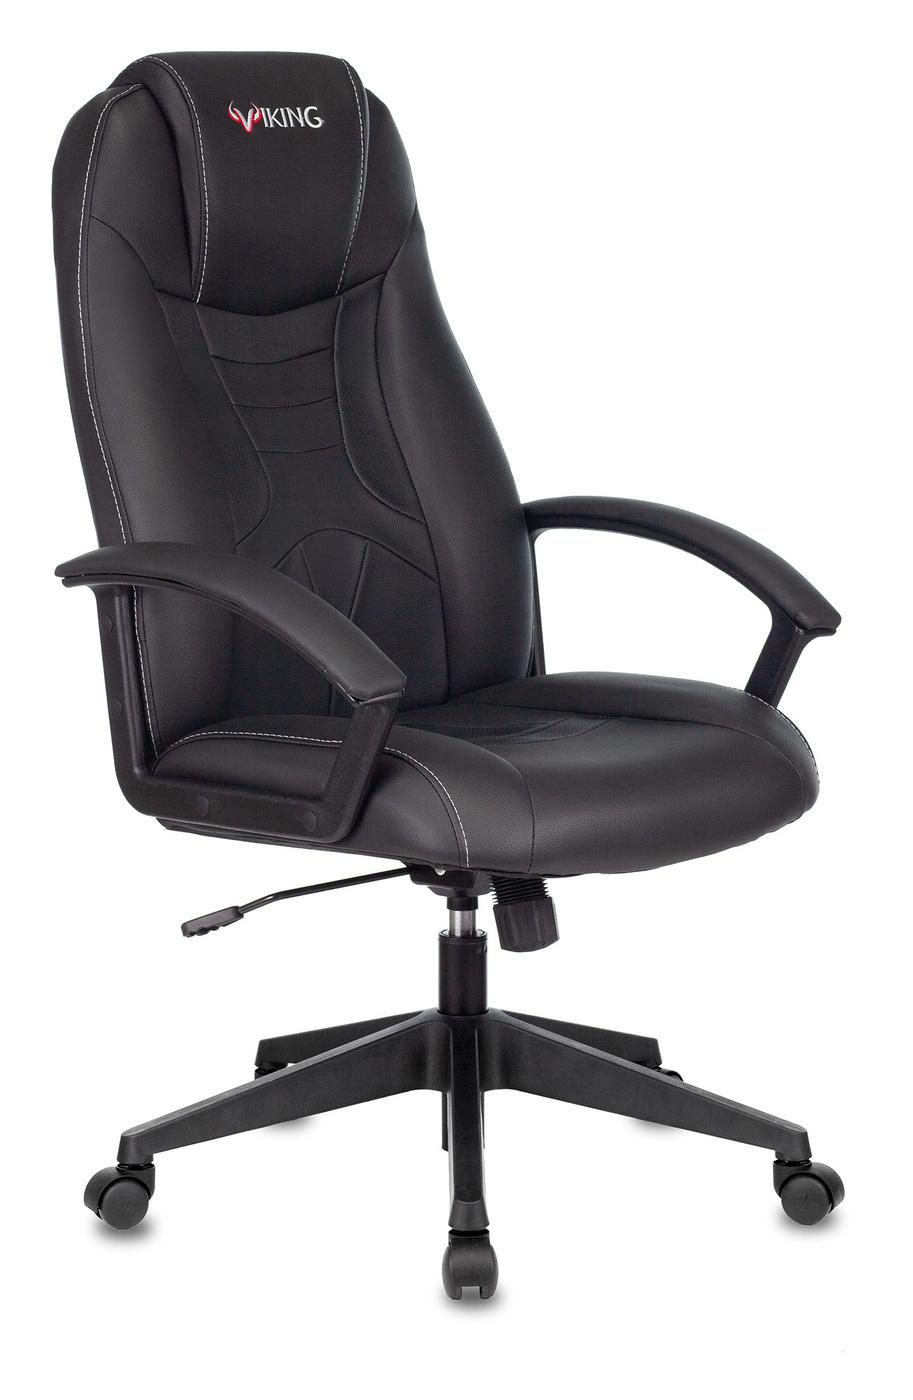 Игровое компьютерное кресло Бюрократ VIKING-8/BLACK, Экокожа, черный